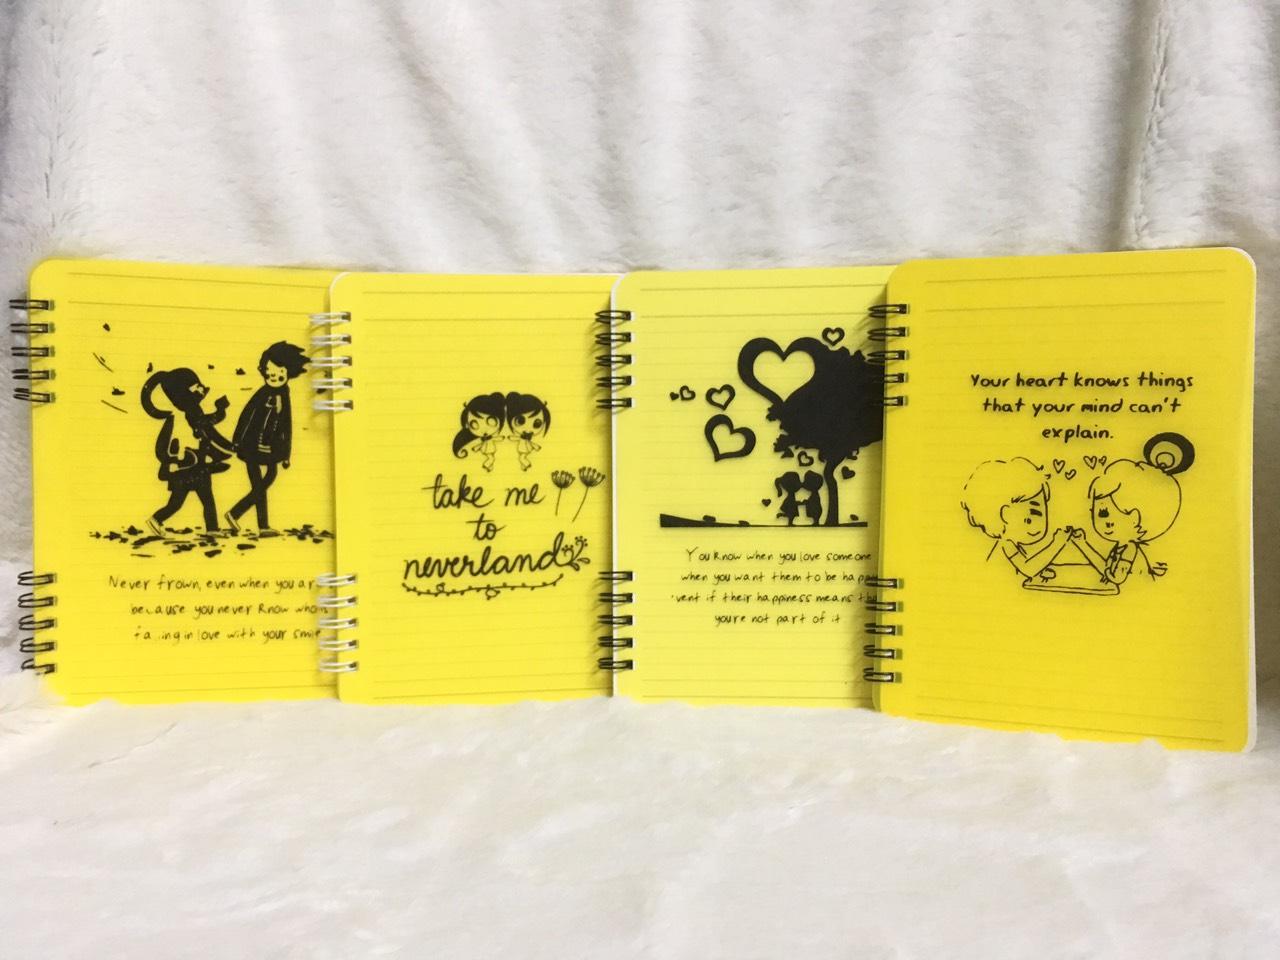 Sổ Tay Vivaone LX Bìa Nhựa (10 x 15 cm) - Vàng (Mẫu Ngẫu Nhiên)